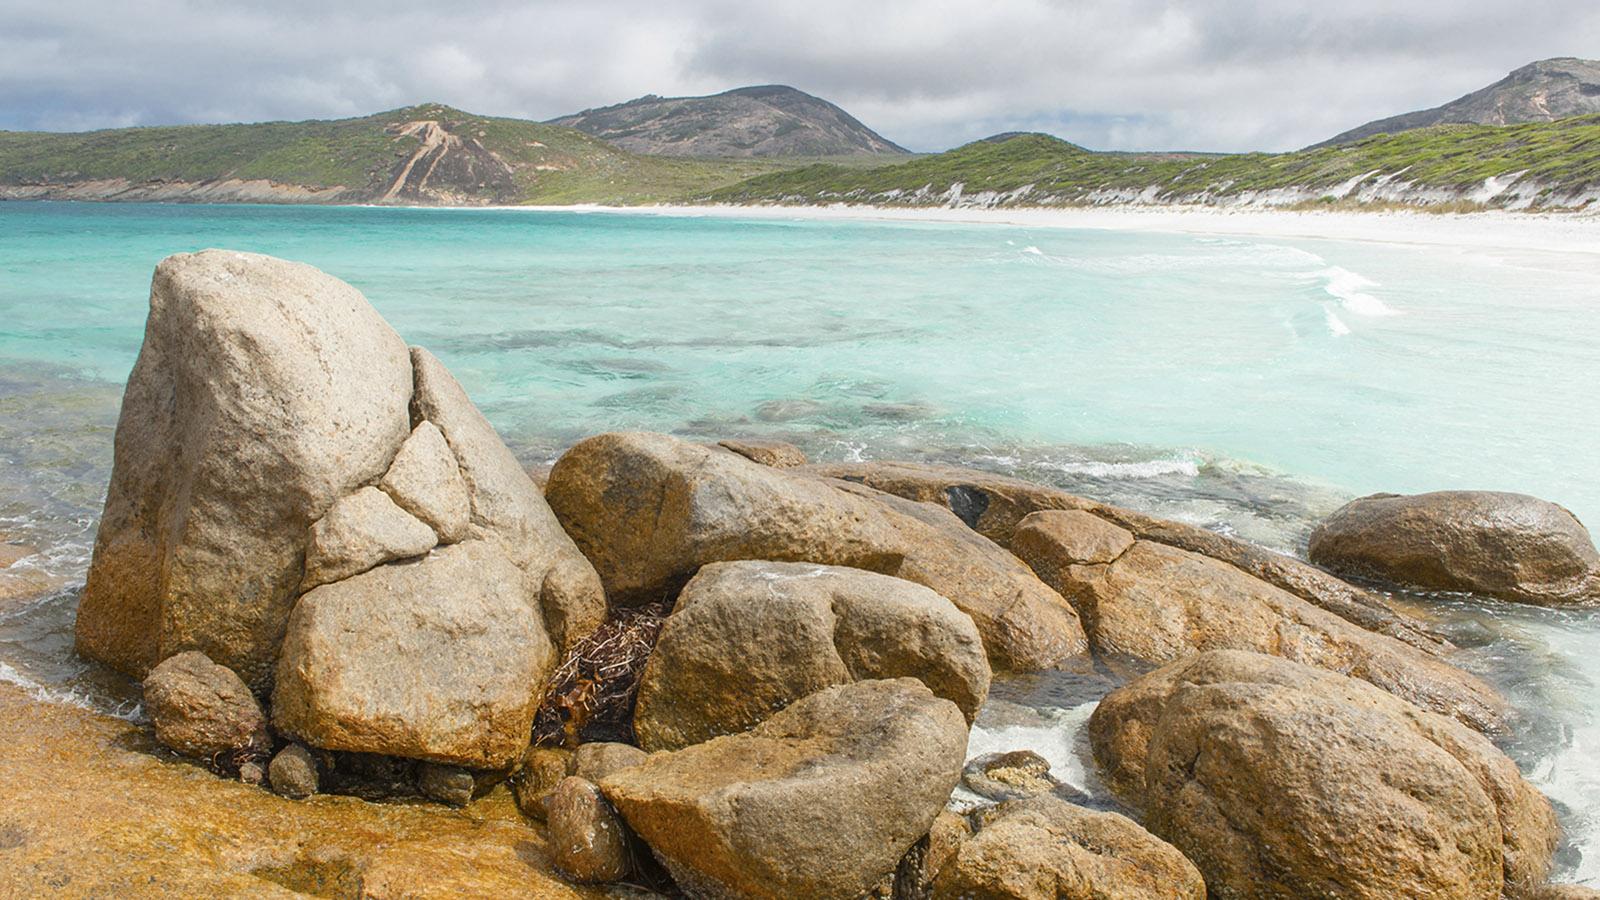 Wilder Süden: Glatt polierter Granit und türkisfarbenes Wasser: Wylie Bay bei Esperance. Foto: Hilke Maunder